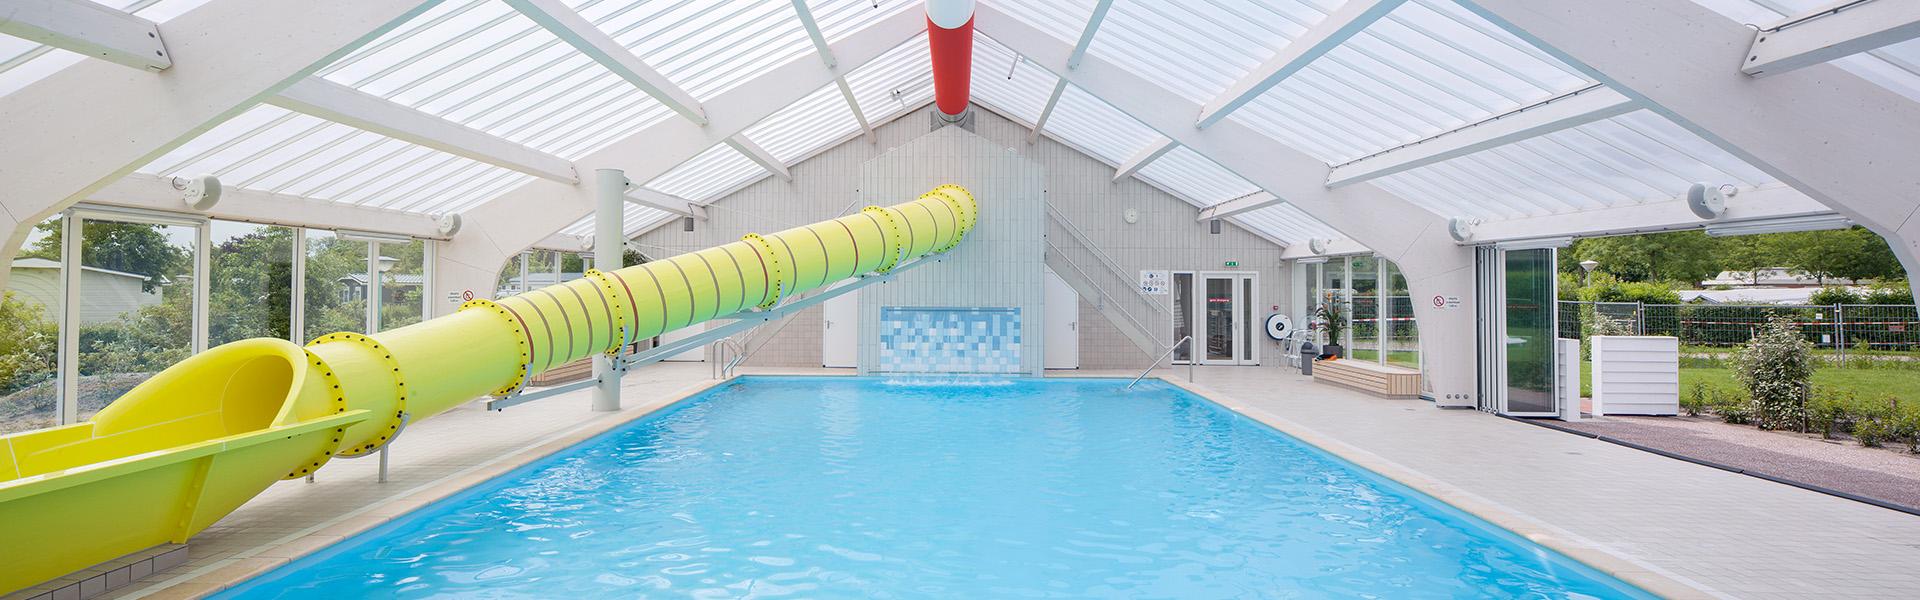 Overzicht zwembad met glijbaan